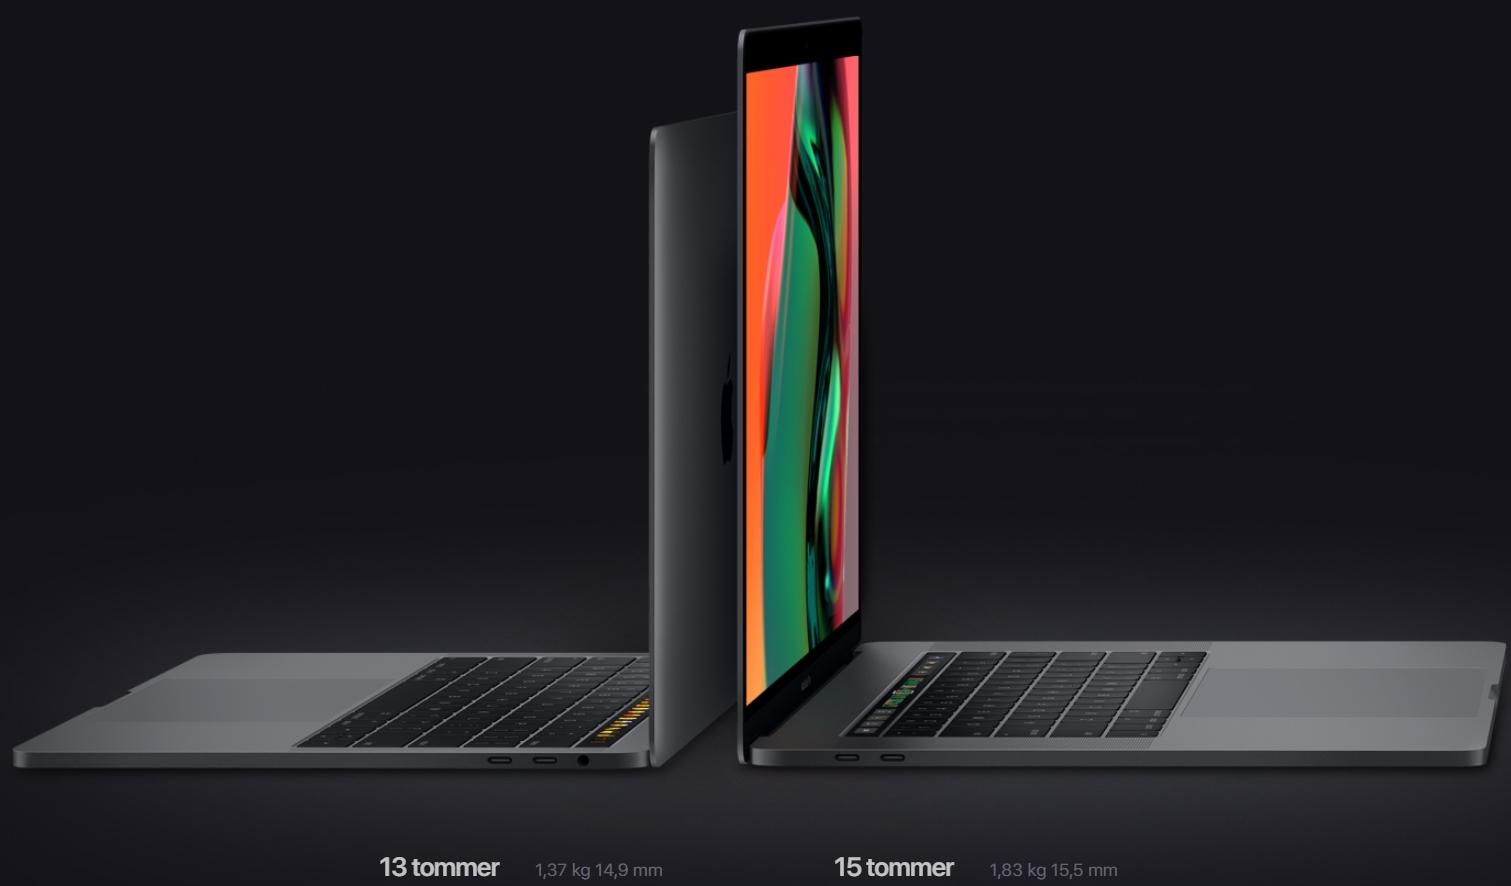 Så mye bedre er MacBook Pro etter oppdateringen.